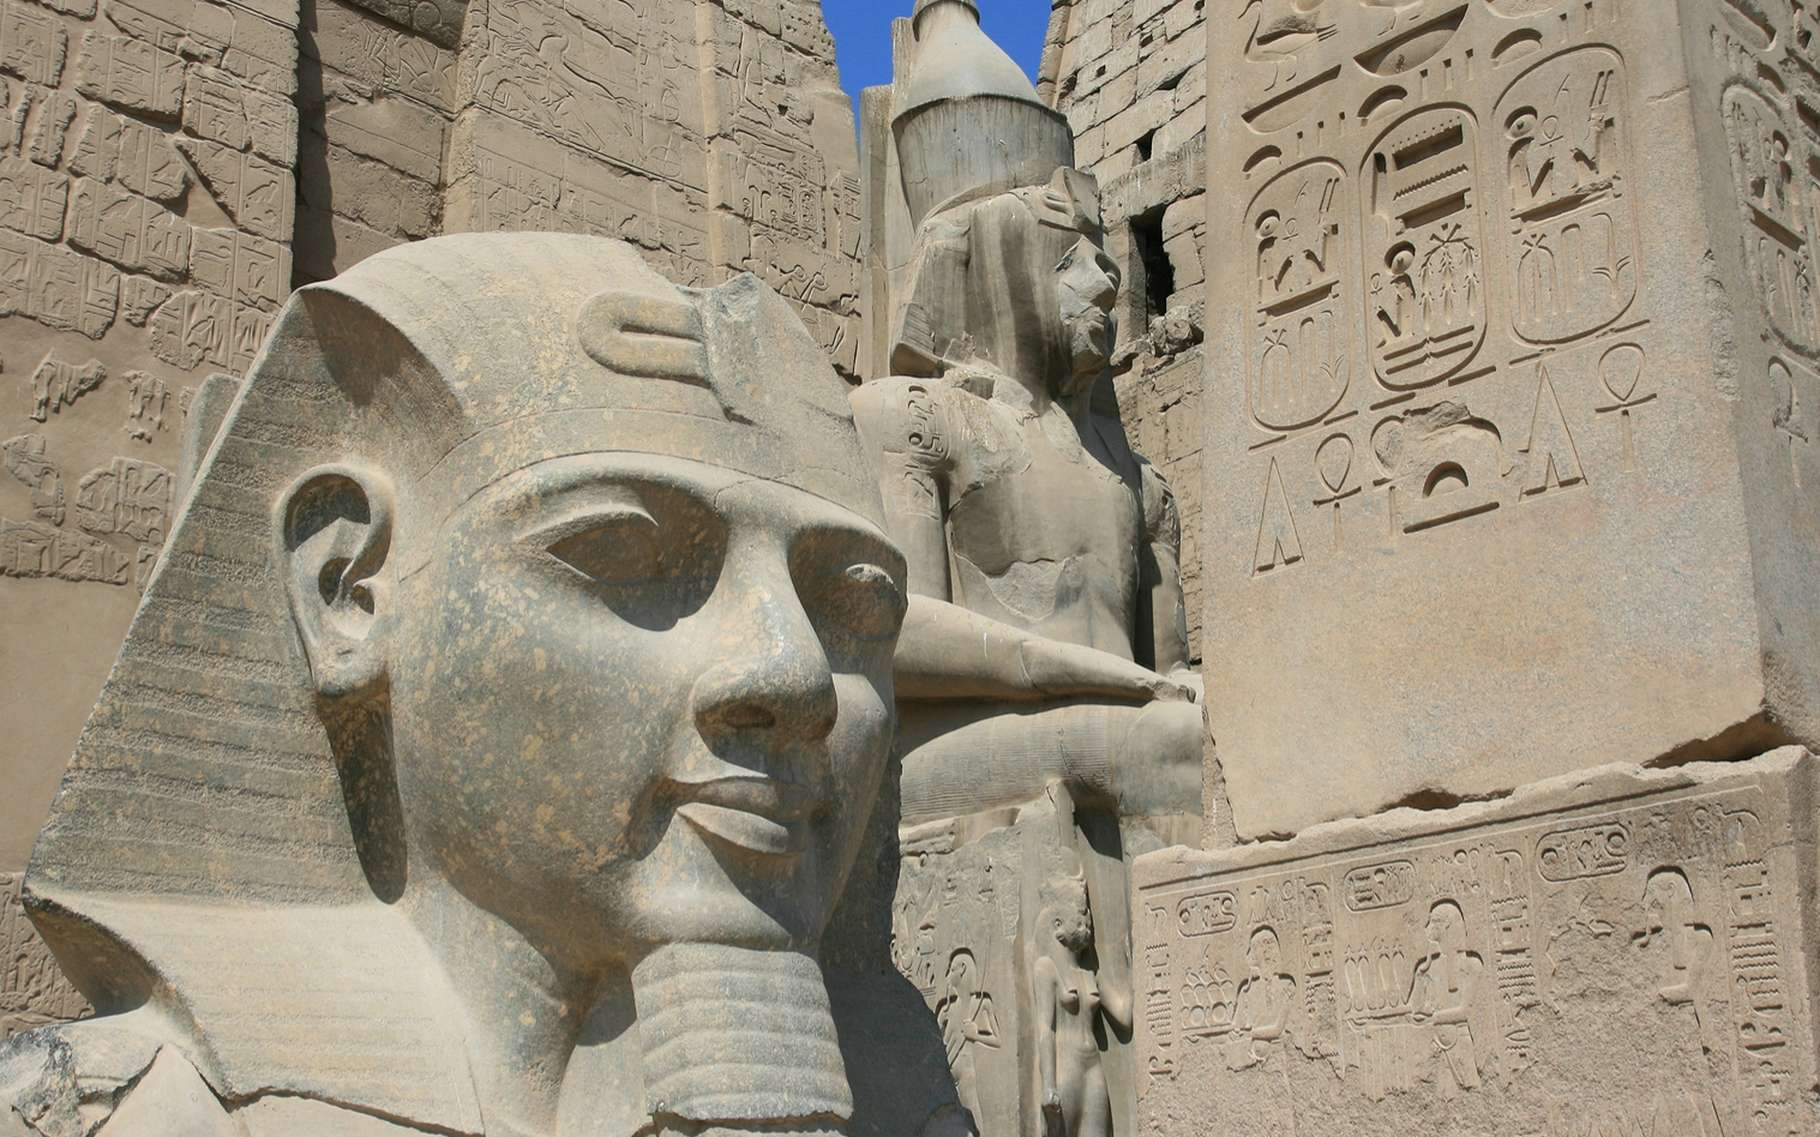 Vue d'un temple de l'Ancienne Égypte, à Louxor. © david5962, shutterstock